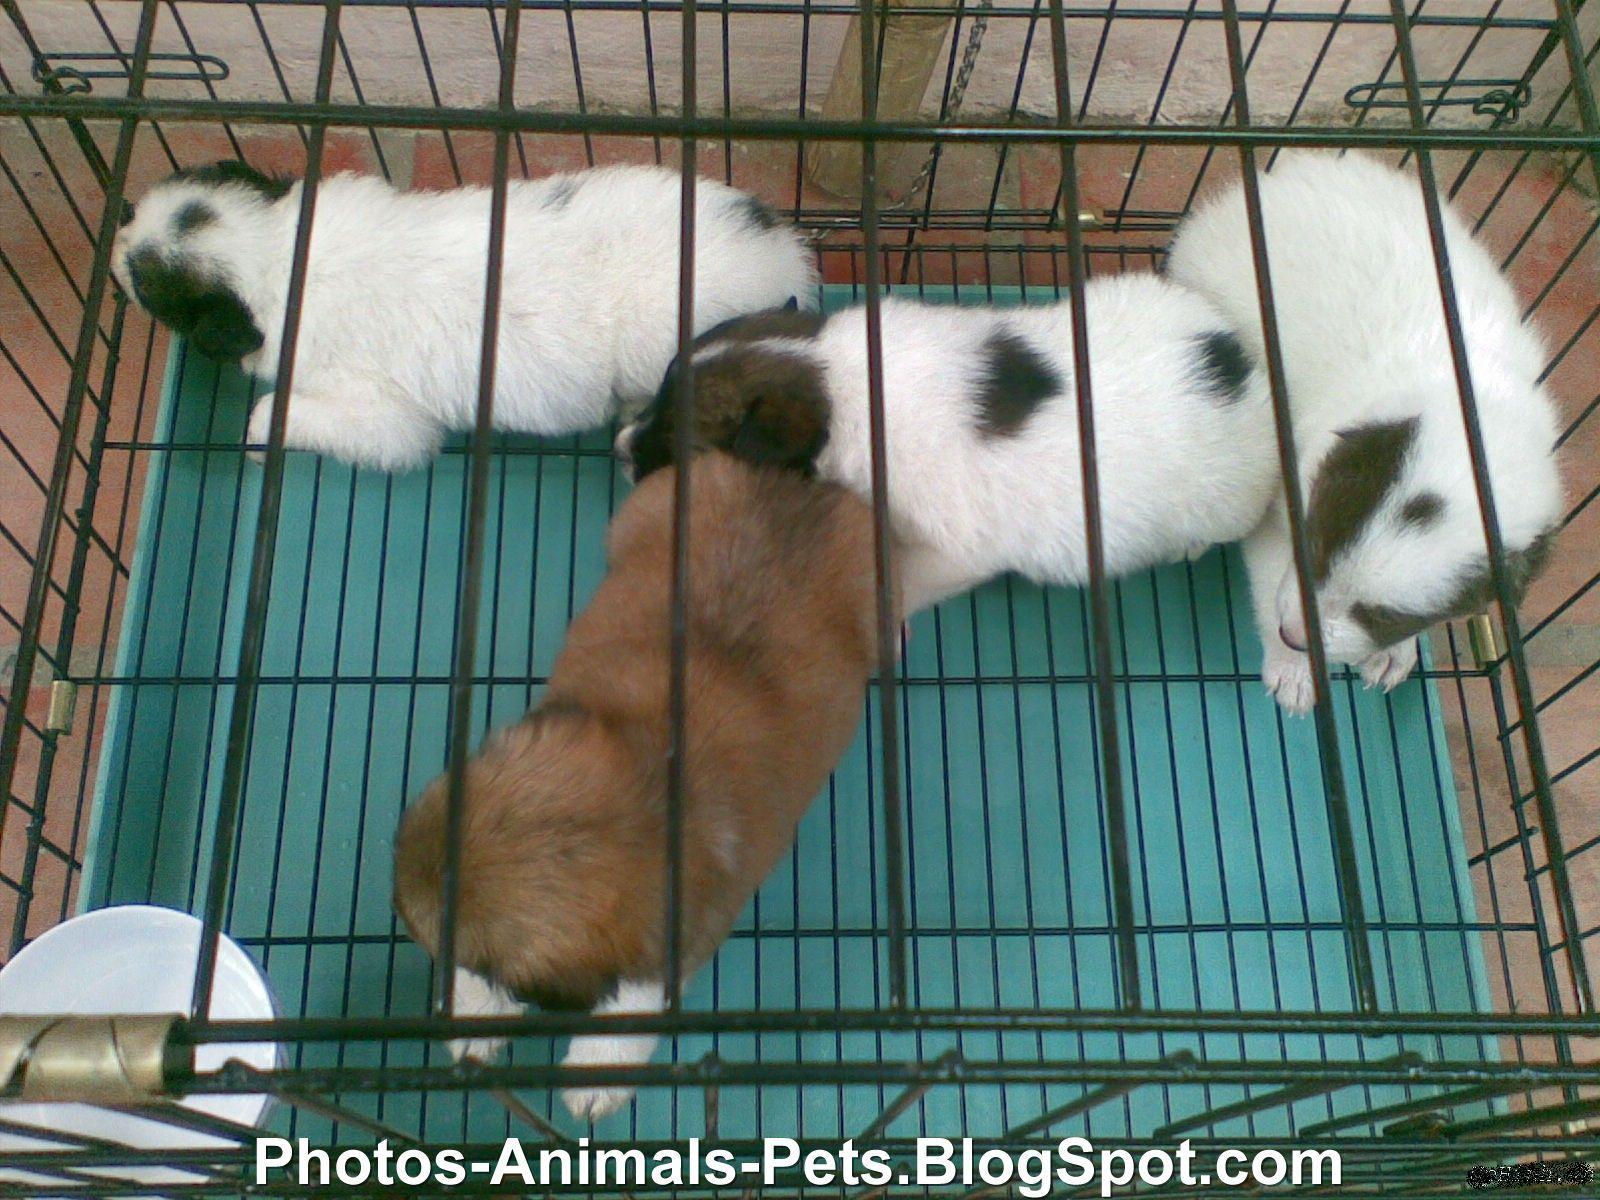 http://1.bp.blogspot.com/-7fXd0QTXQDA/TmIYLSzH_NI/AAAAAAAAB6E/TIMliet4O1U/s1600/Puppy%2Bpictures_0002.jpg